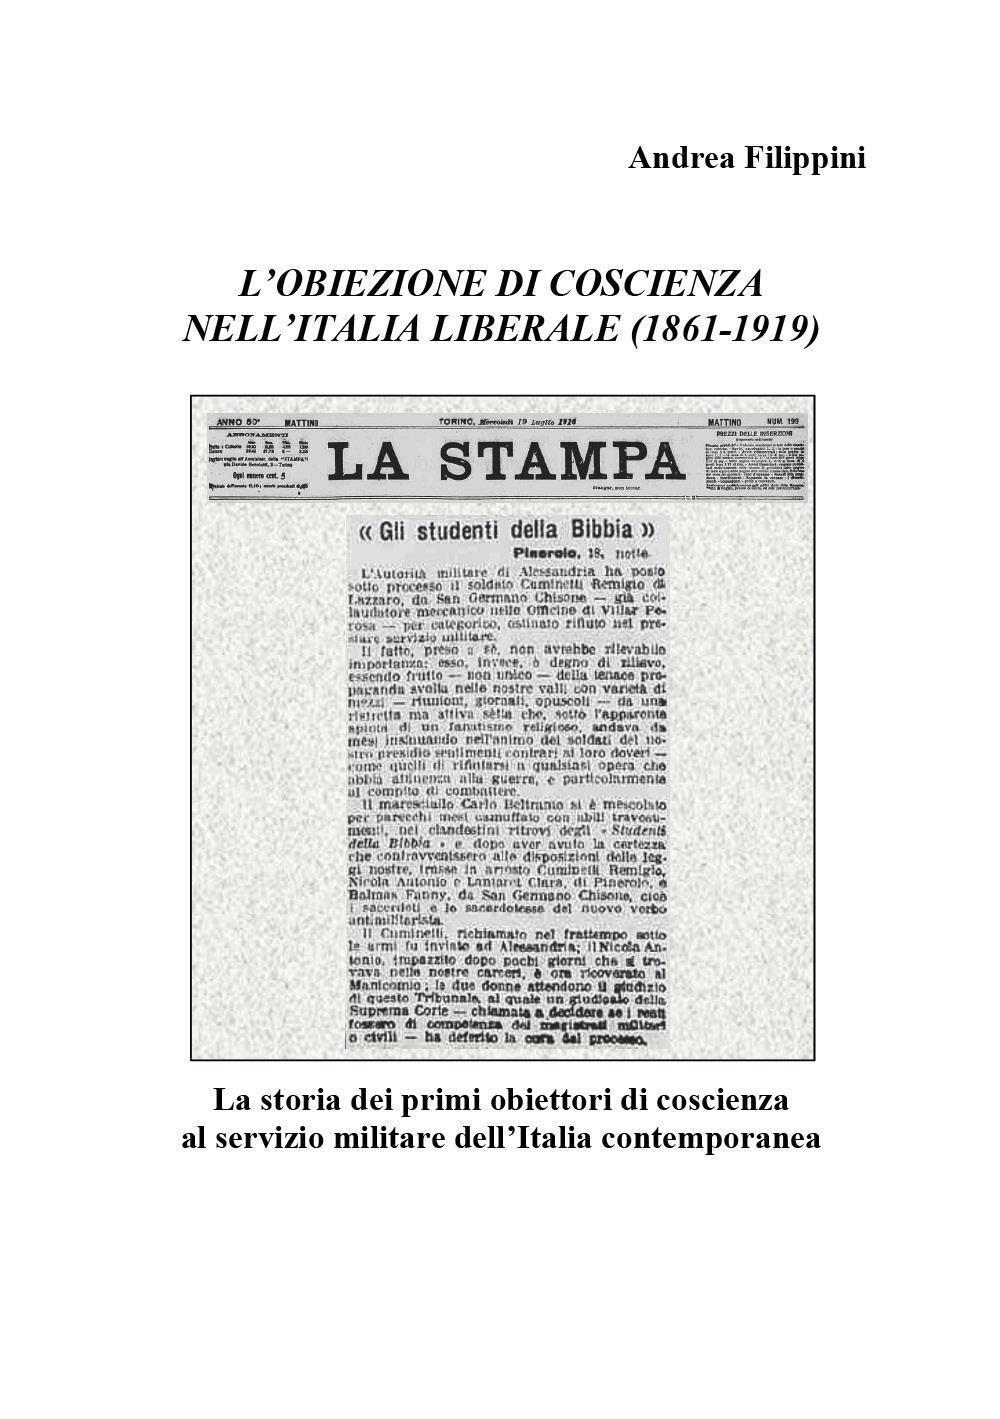 L'obiezione di coscienza nell'Italia liberale (1861-1919)